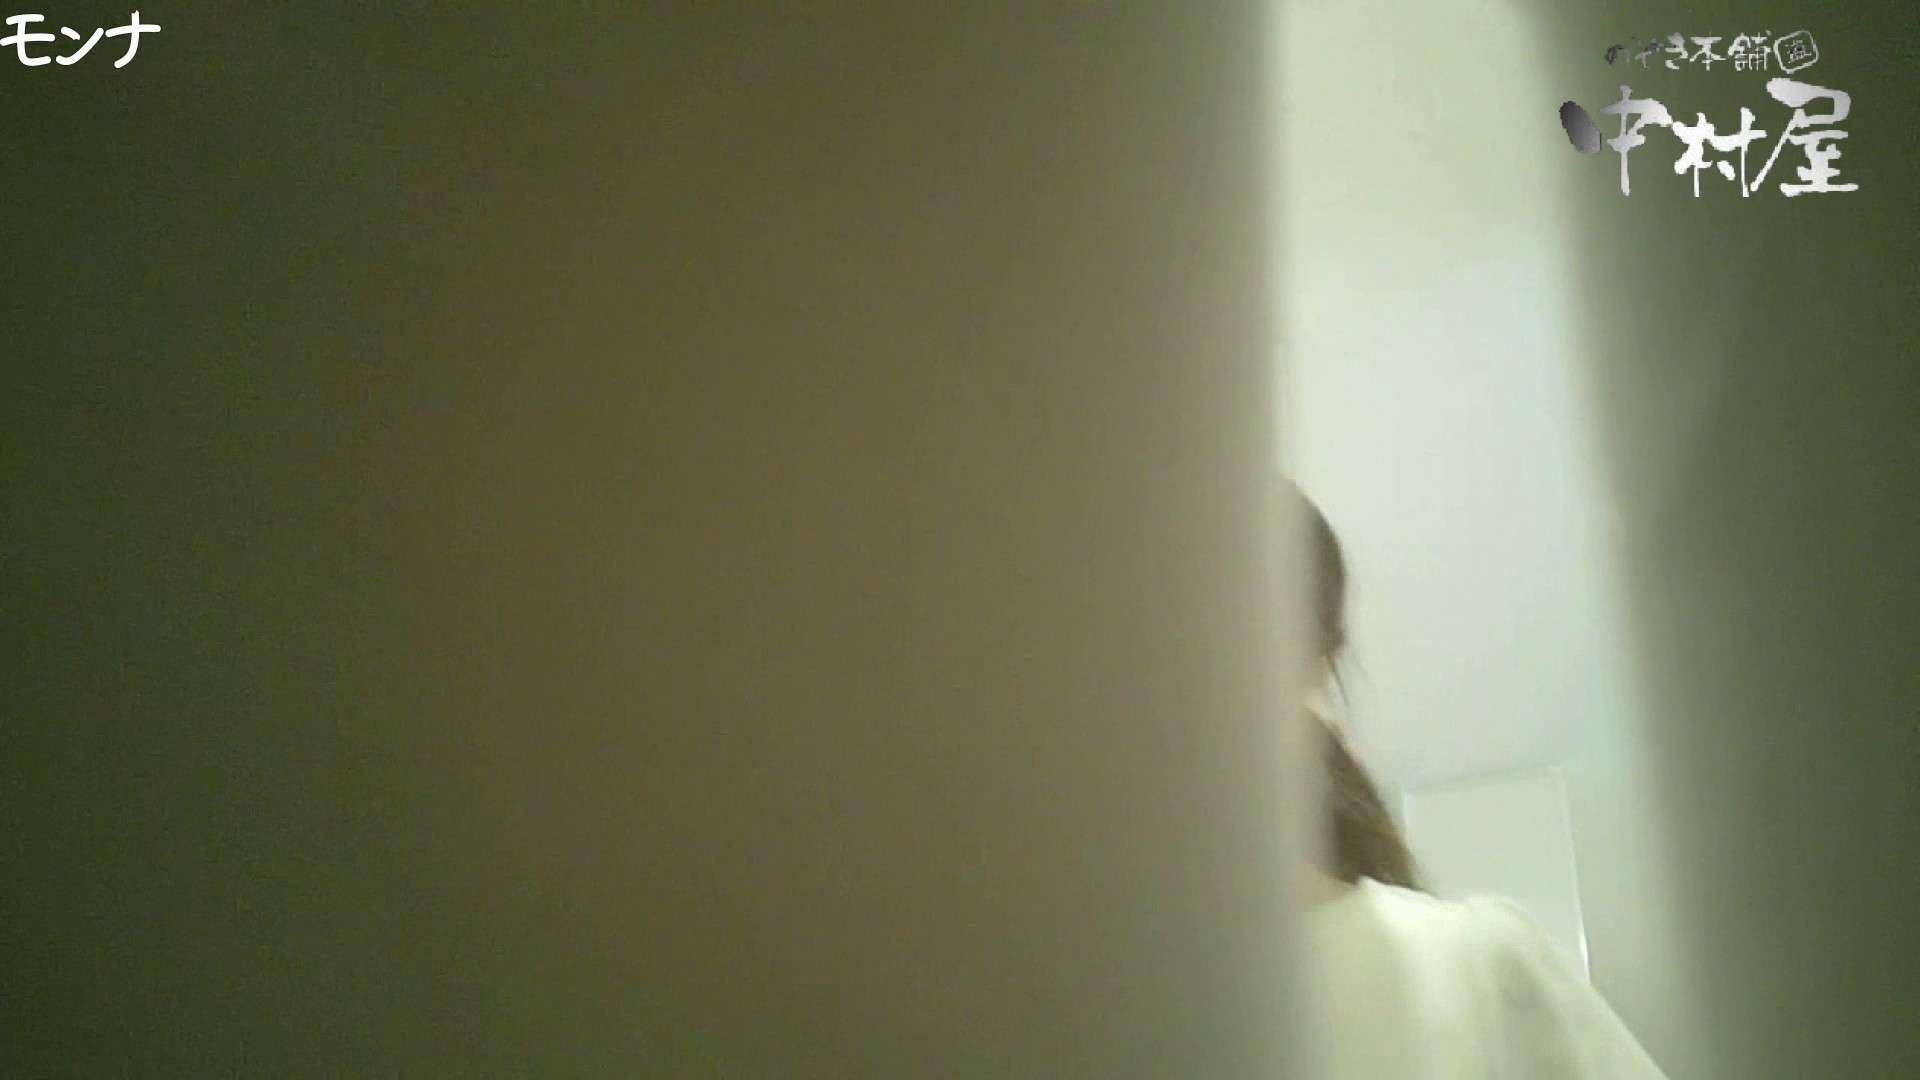 有名大学女性洗面所 vol.65 秘技!!マルチアングル天井撮り!! 投稿 隠し撮りオマンコ動画紹介 66PICs 59